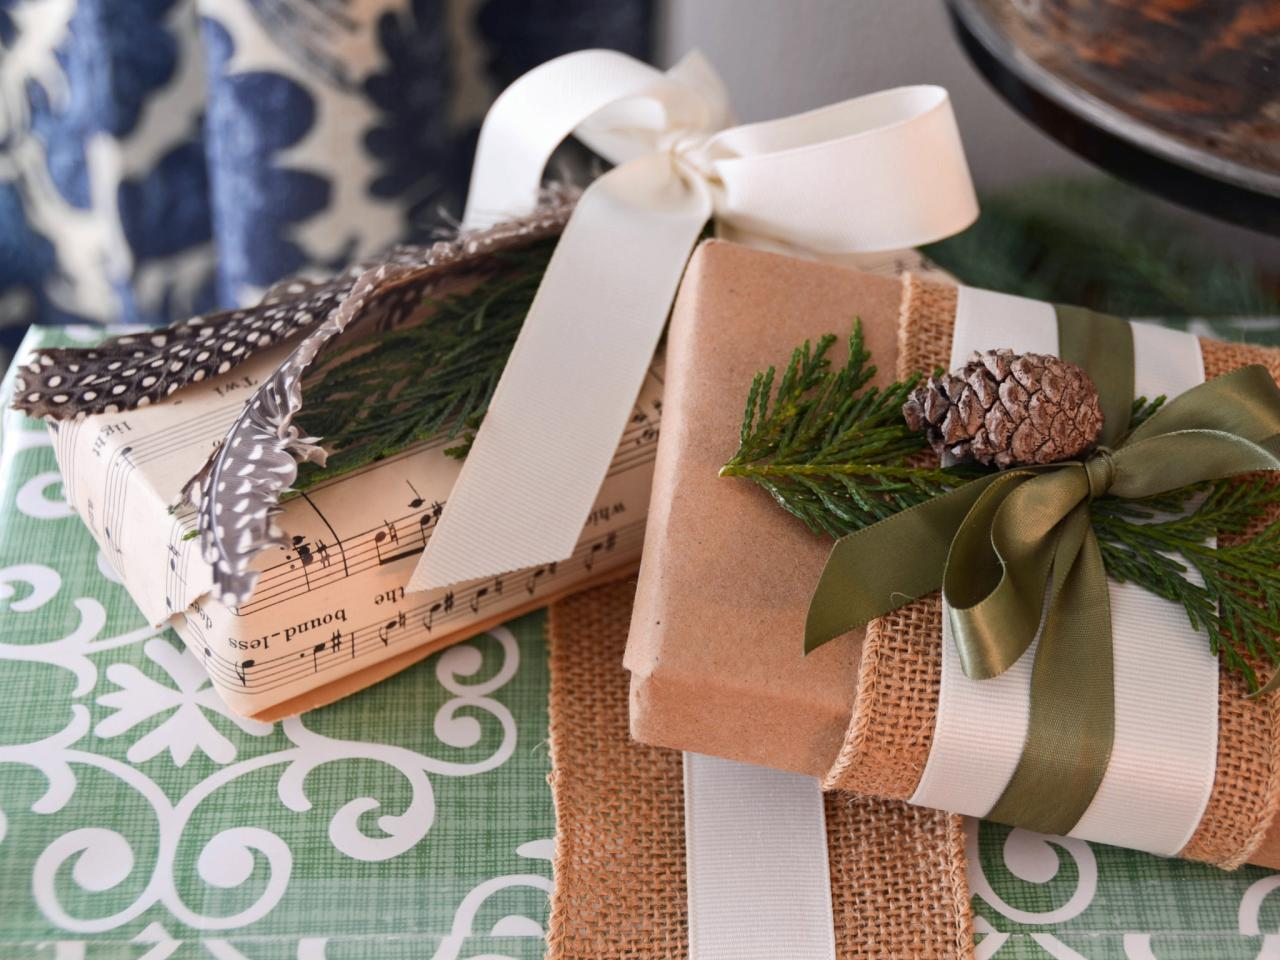 Подарки ручной работы бизнес 61